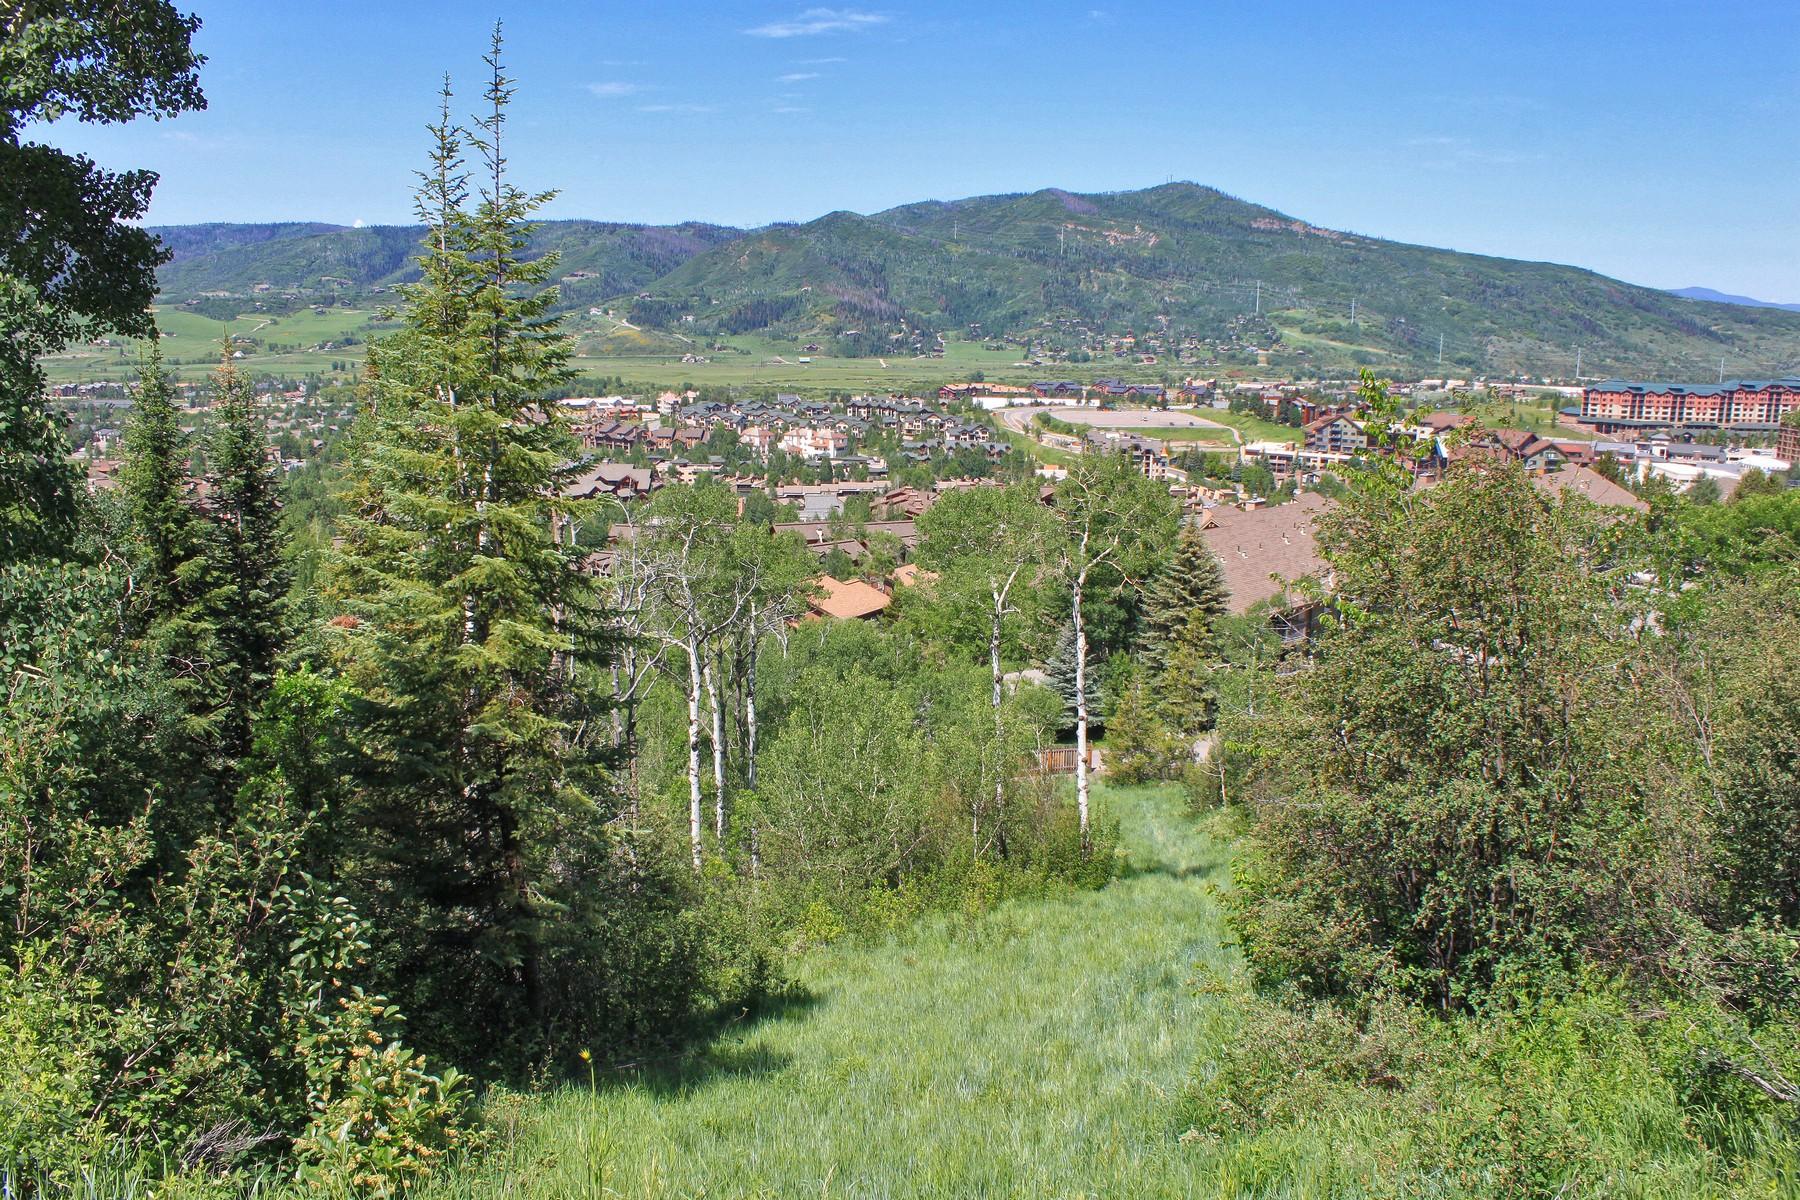 Terrain pour l Vente à Ski Trail Lane Duplex Lot 2725 Ski Trail Lane Steamboat Springs, Colorado, 80487 États-Unis